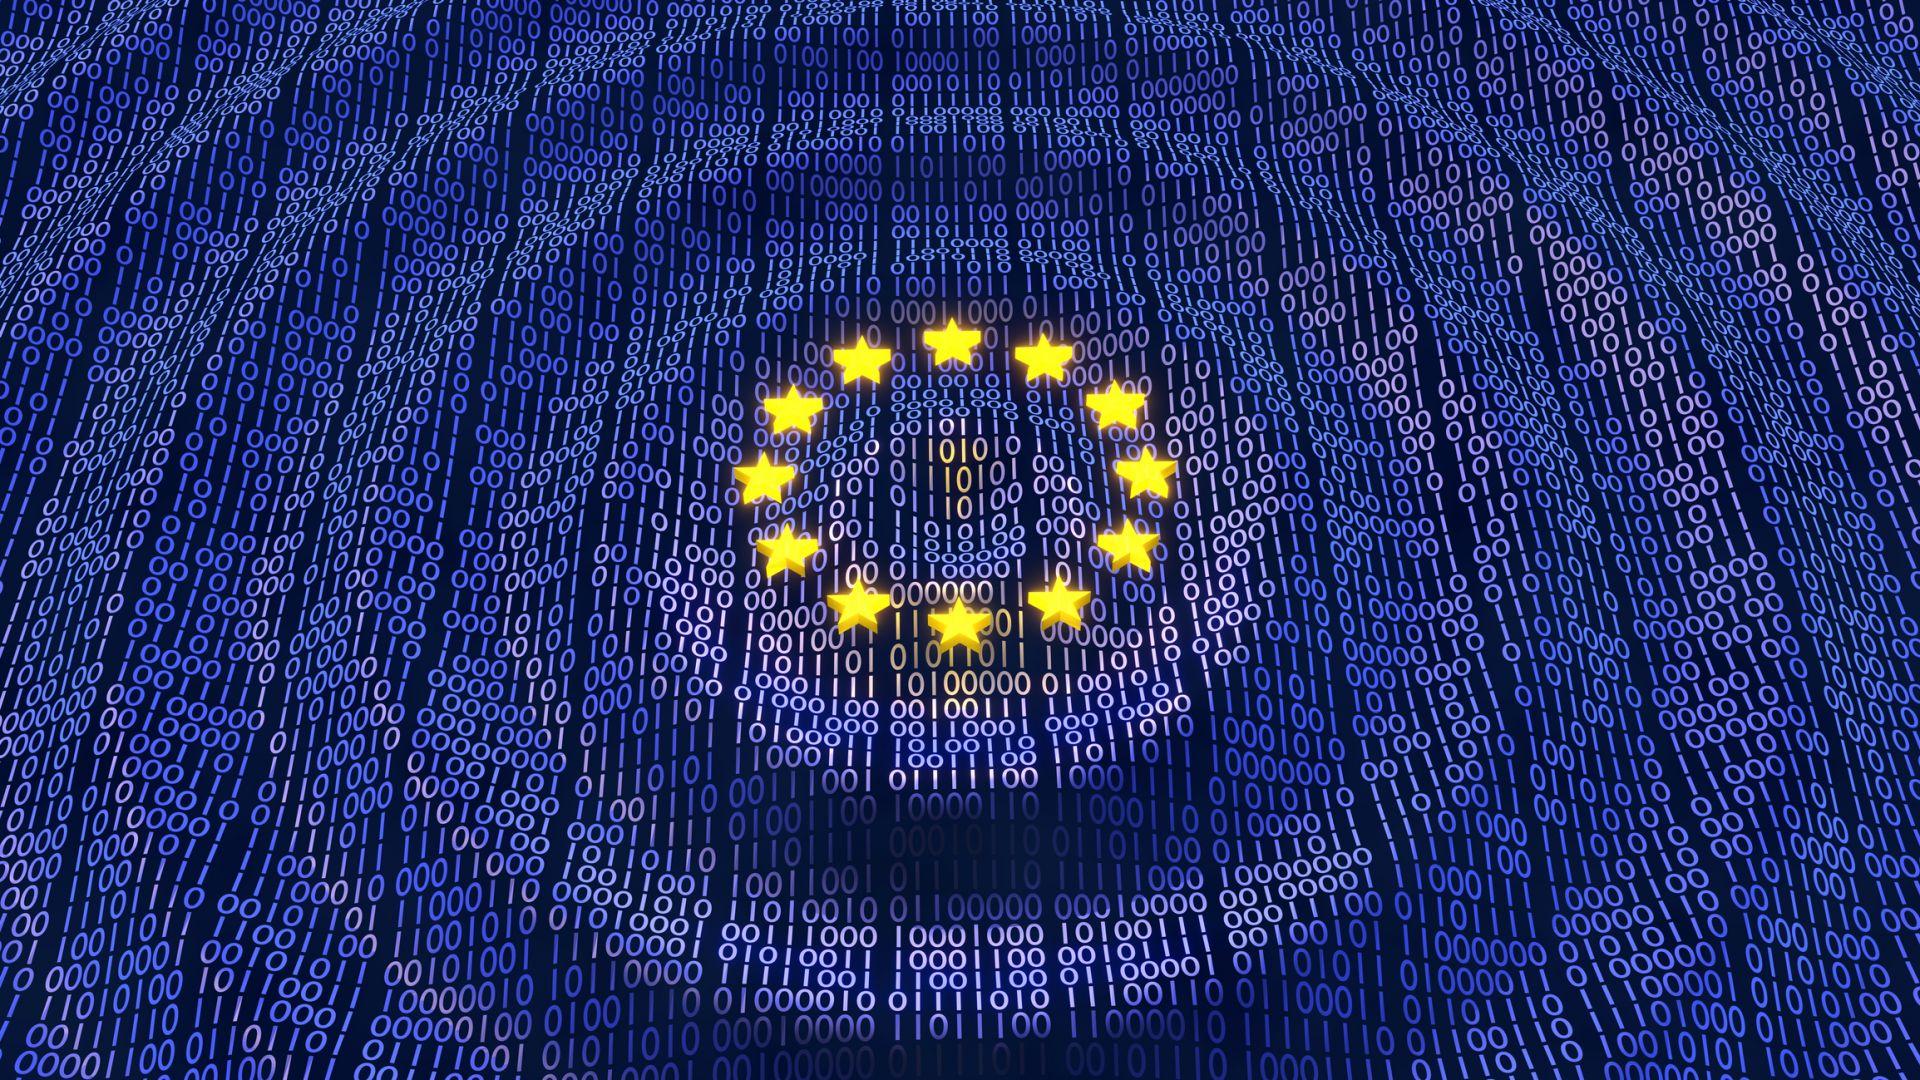 ЕК може да изиска потребителски данни от телекомите